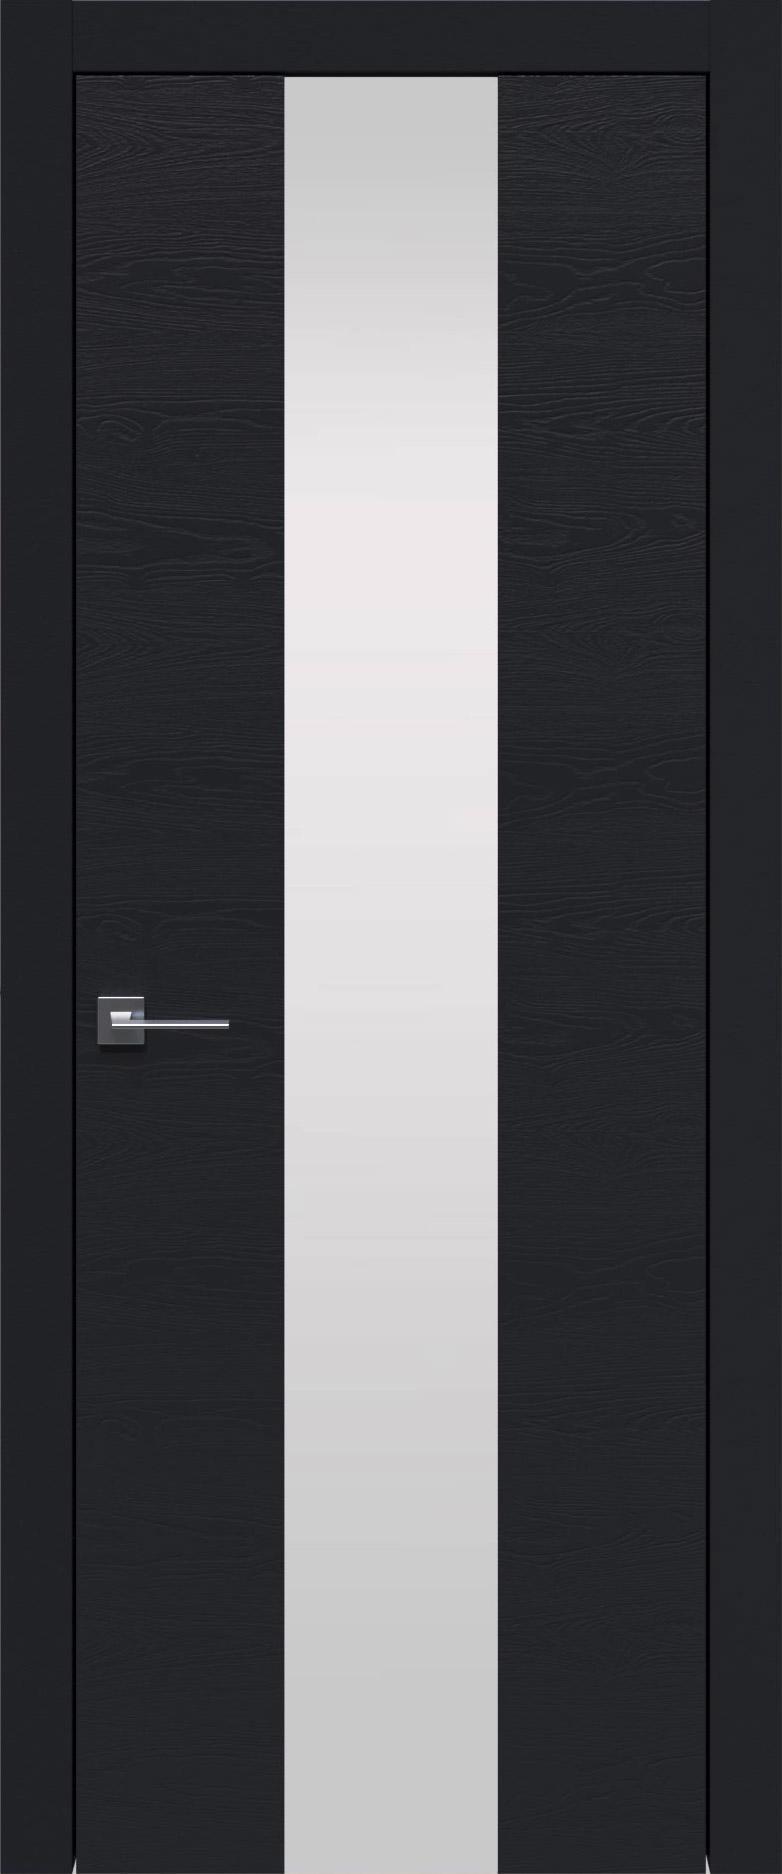 Tivoli Ж-5 цвет - Черная эмаль по шпону (RAL 9004) Со стеклом (ДО)